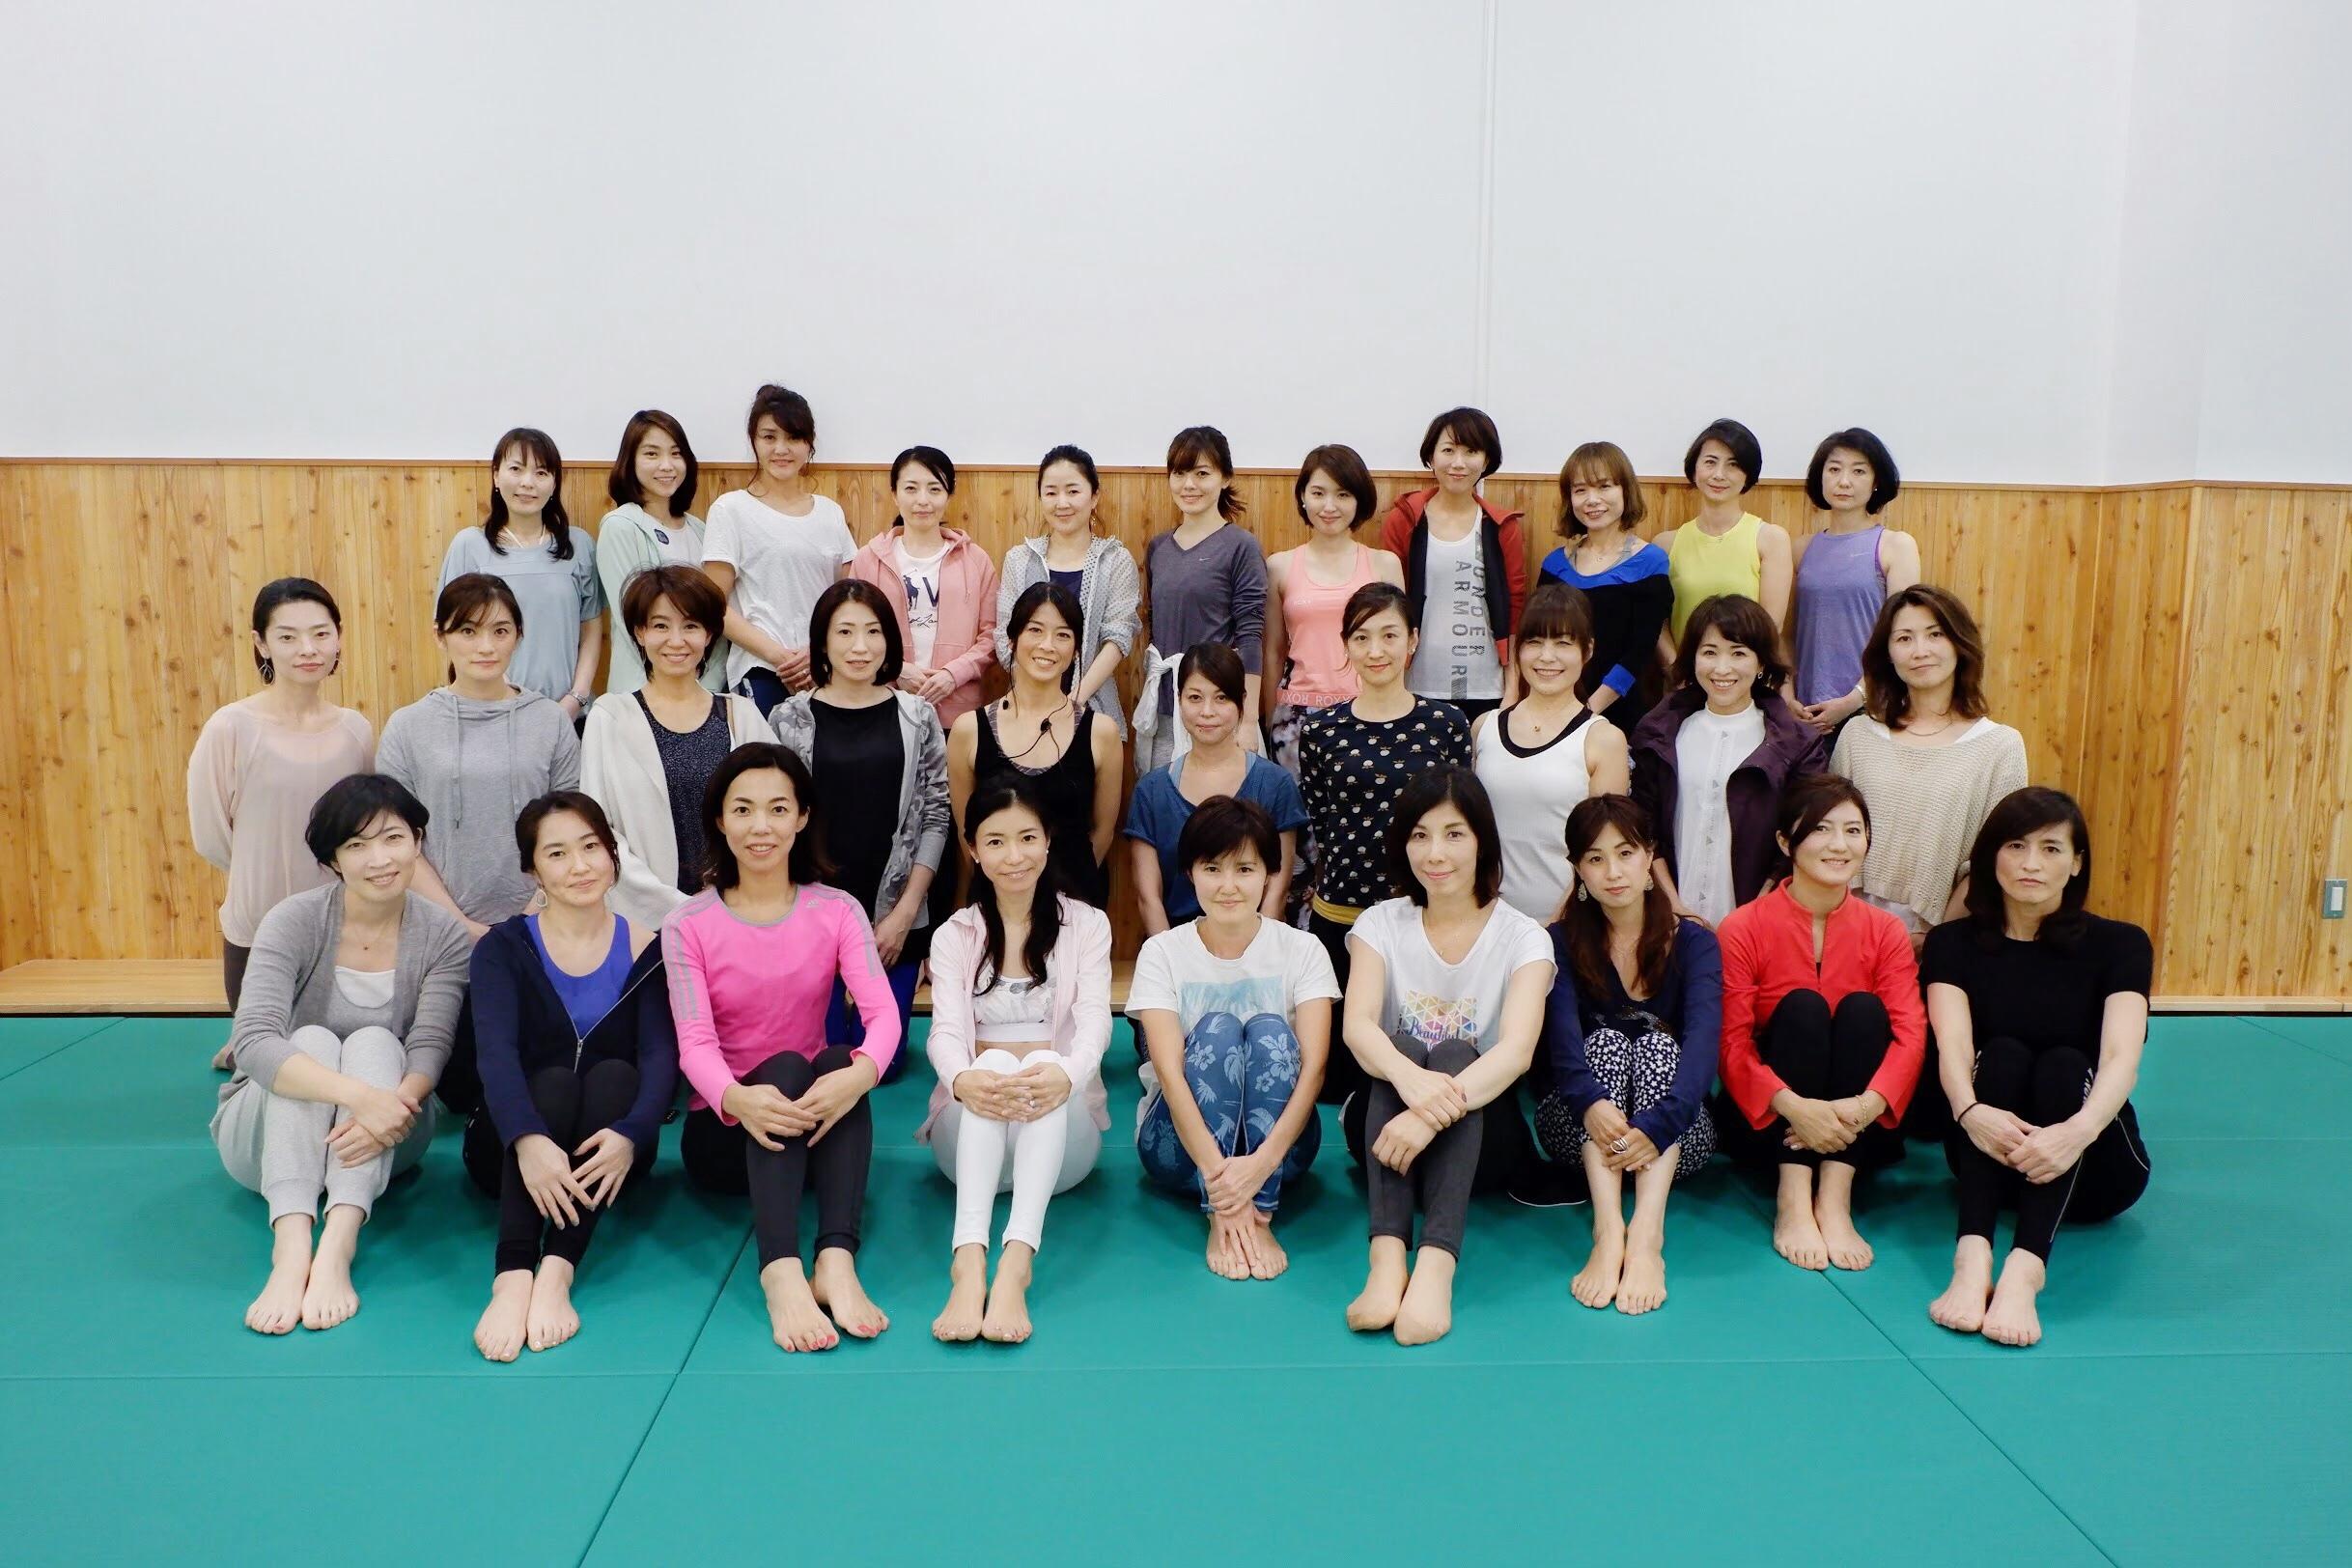 大人女子の美容合宿 in 軽井沢 Part 1_1_9